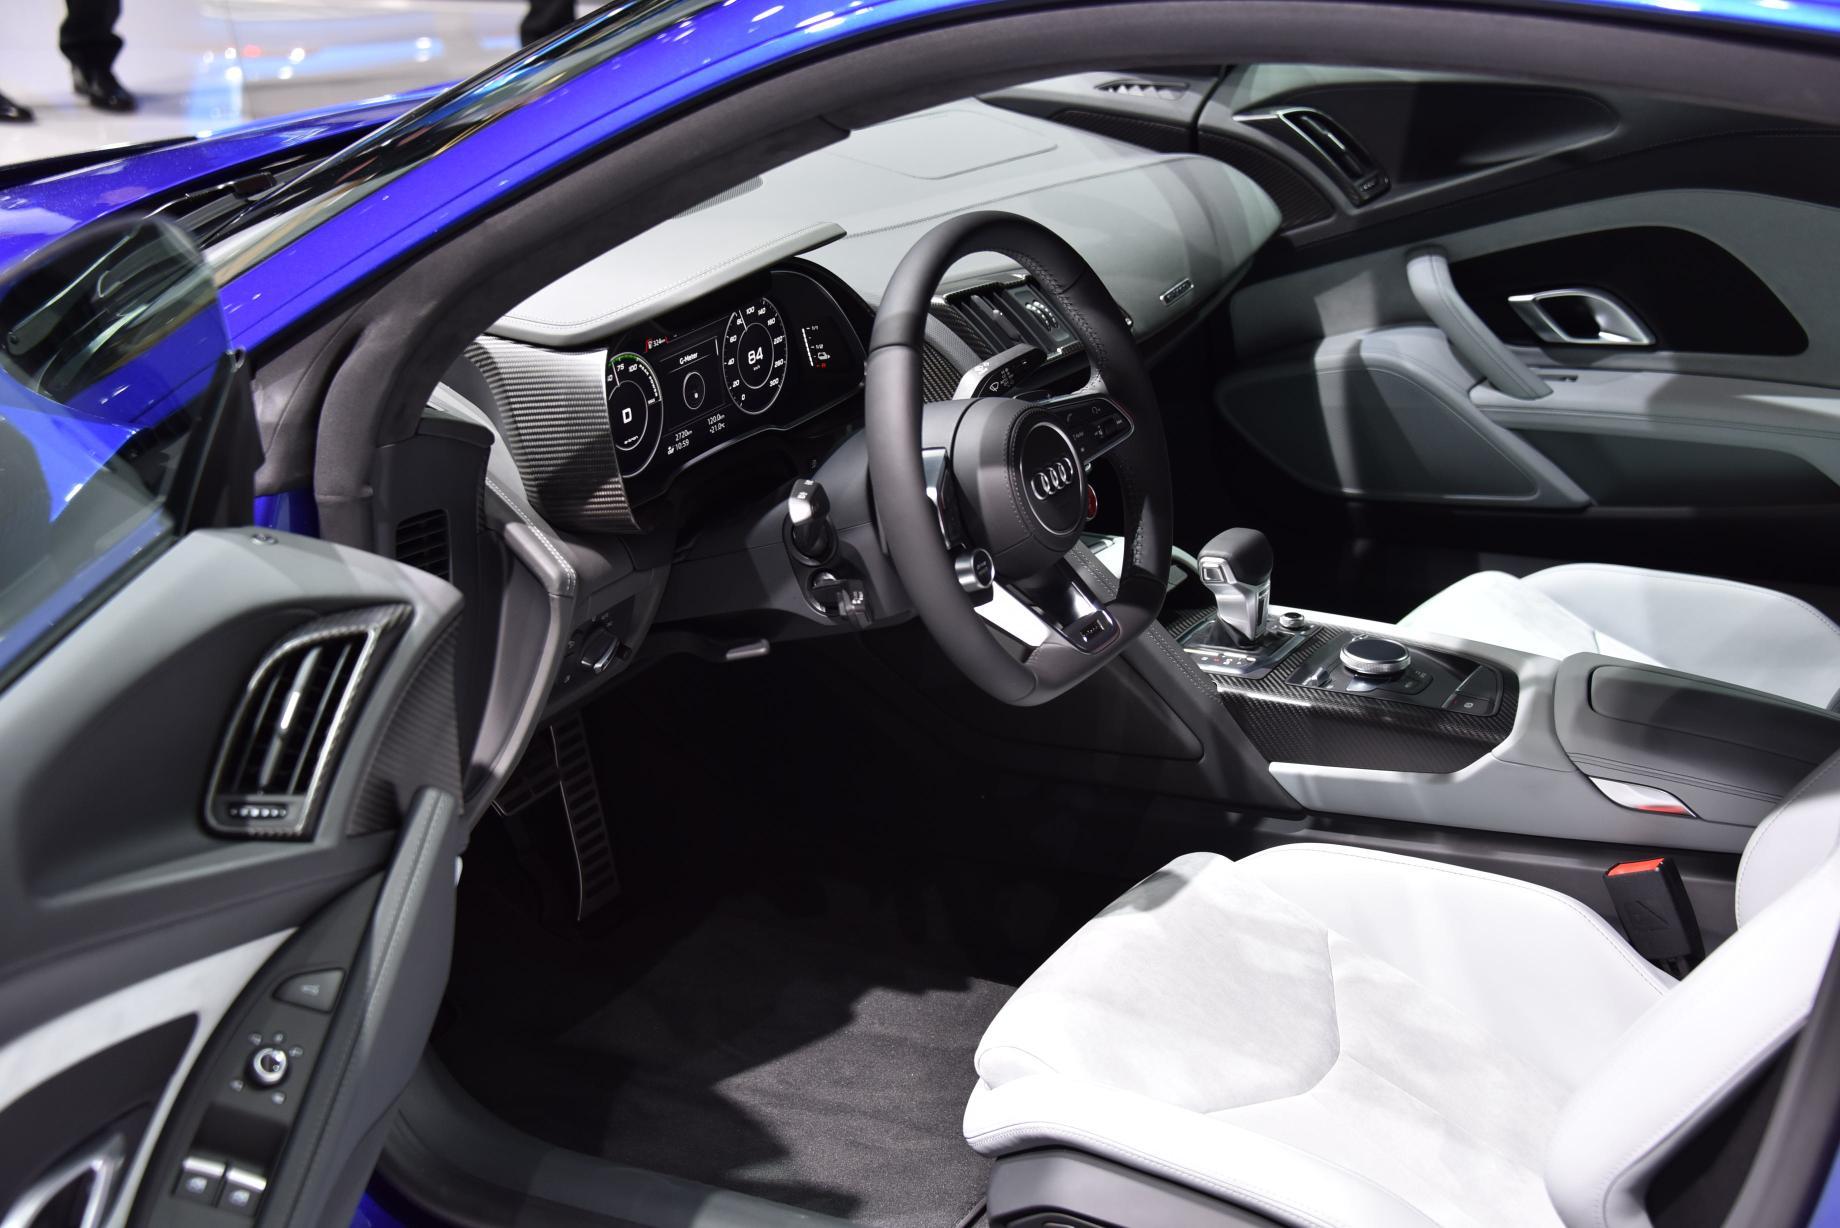 Matte Black Audi >> 2016 Audi R8 e-tron Weighs a Hefty 1,840 kg, Same as Lexus RC F - autoevolution